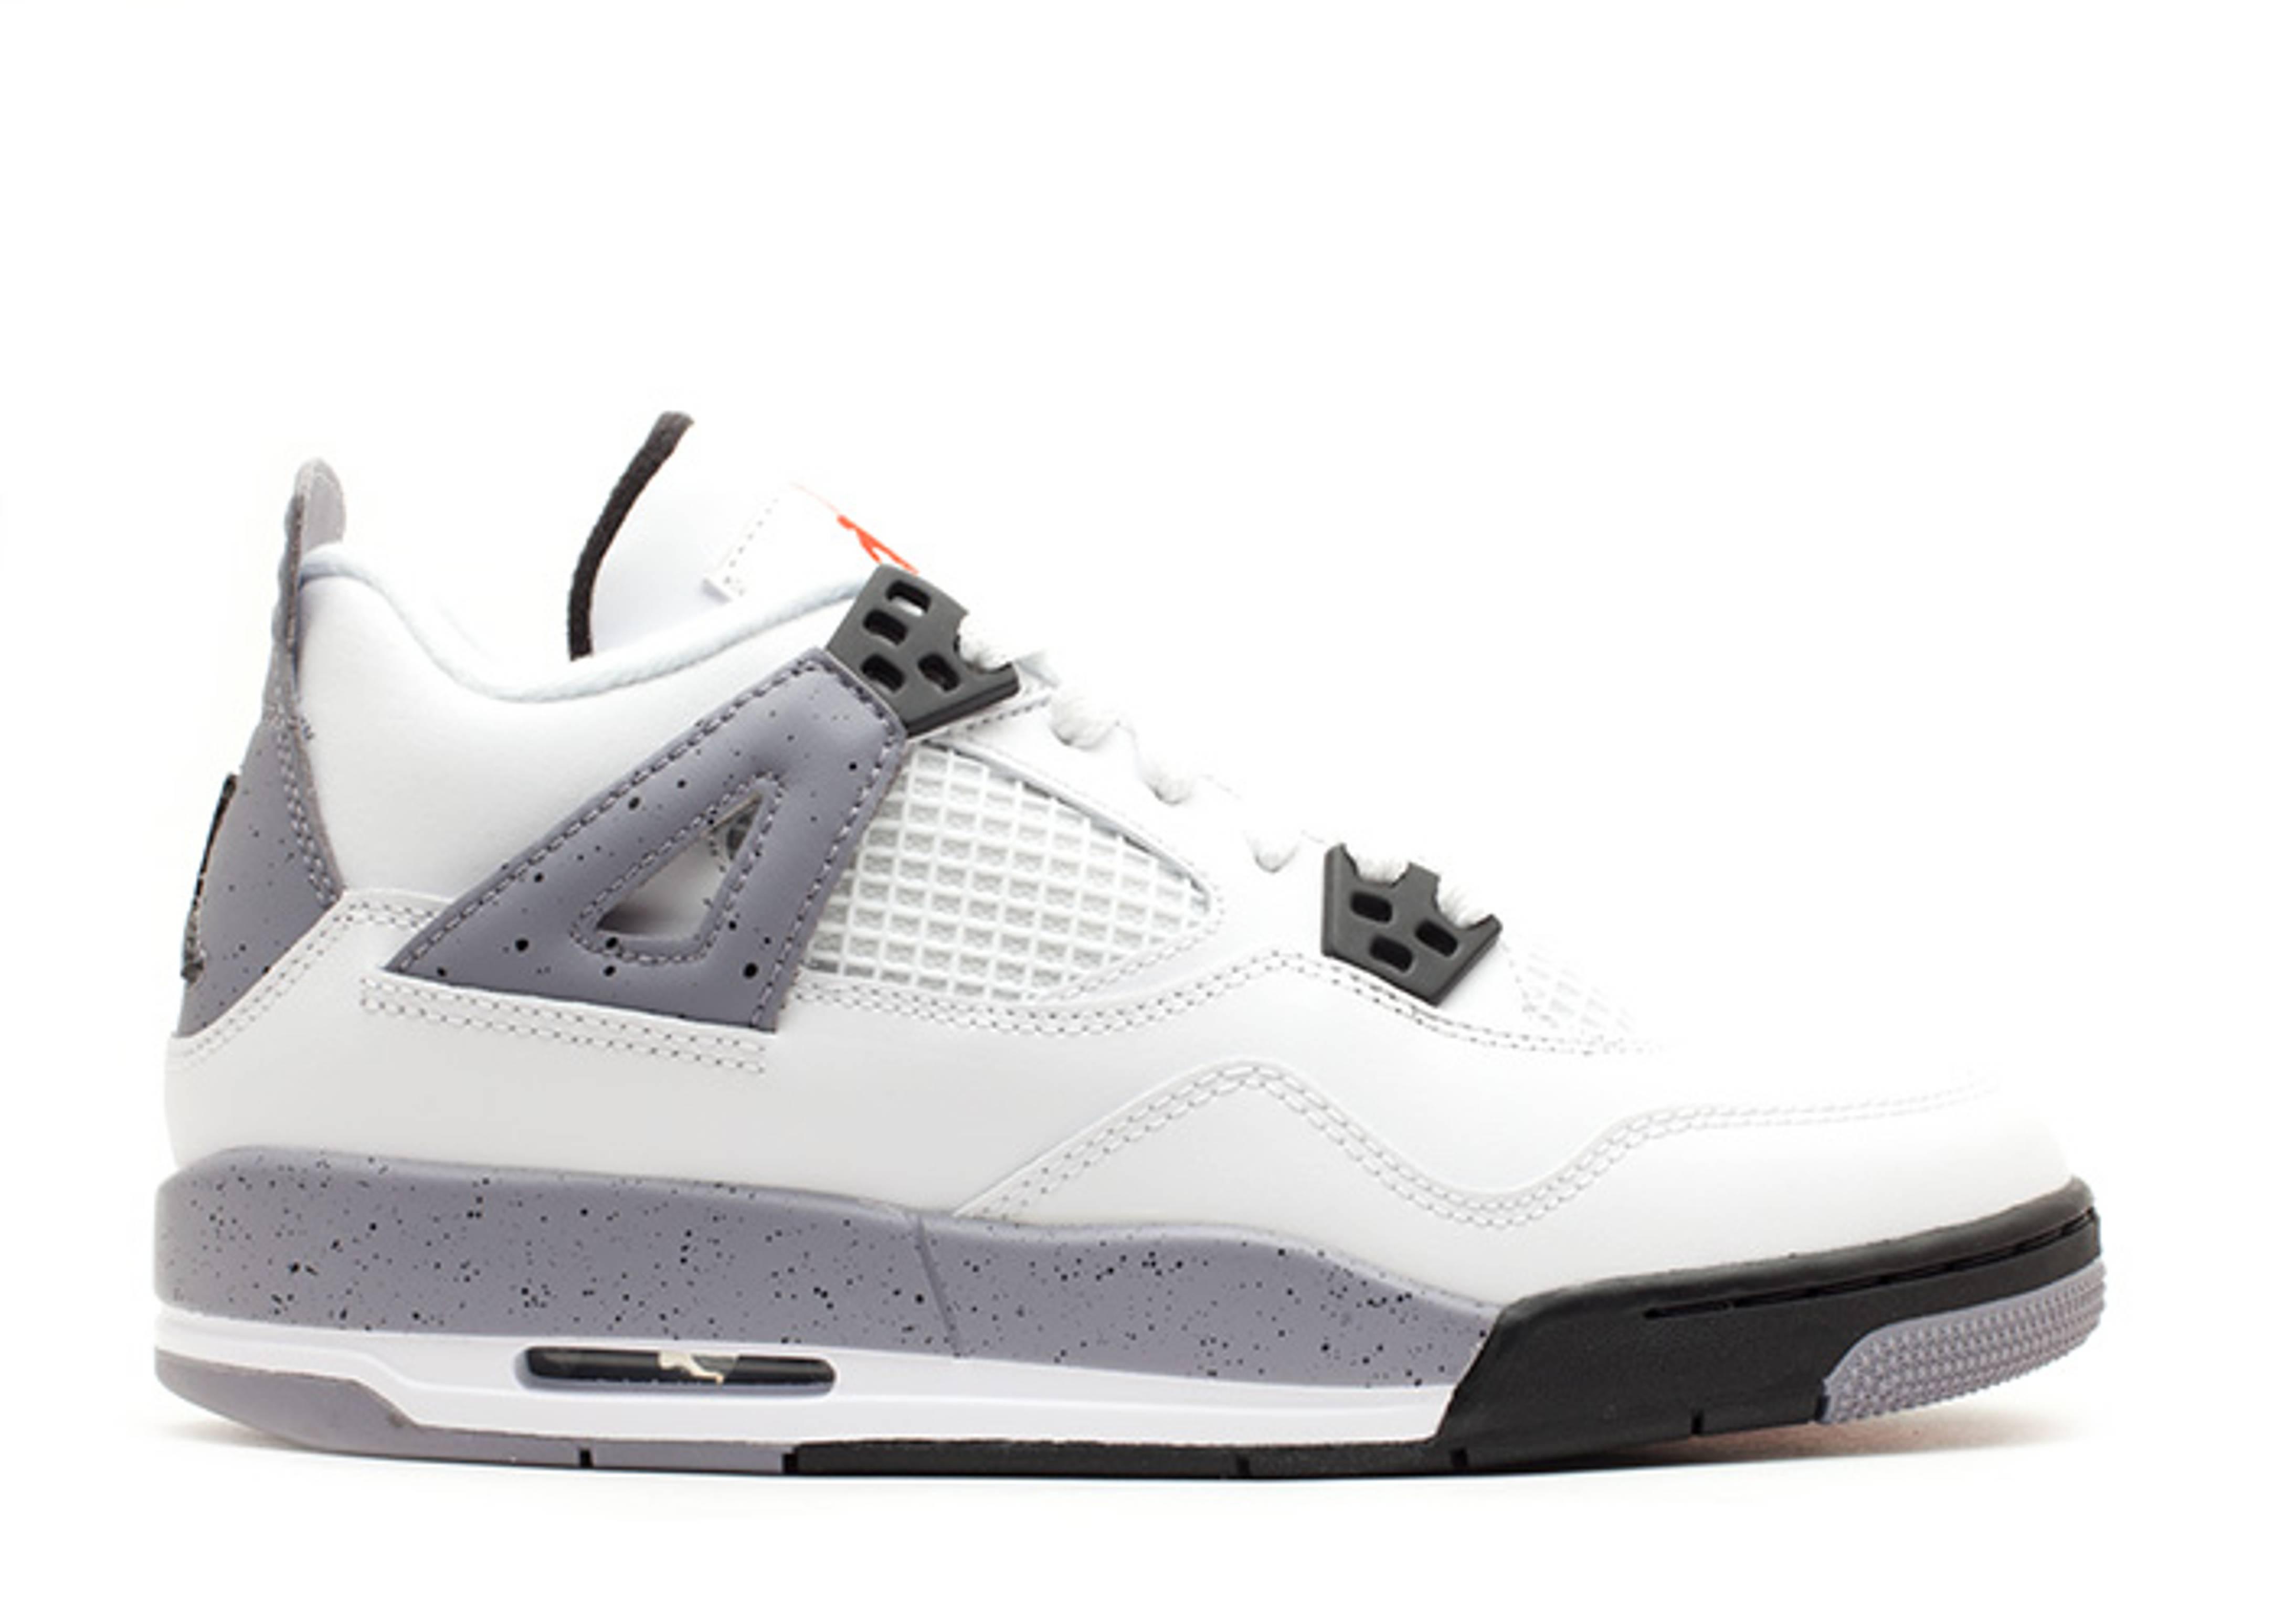 meilleur fournisseur extrêmement Air Jordan 4 De Ciment Noir Rétro 2012 Élection résistance à l'usure ZctgYI